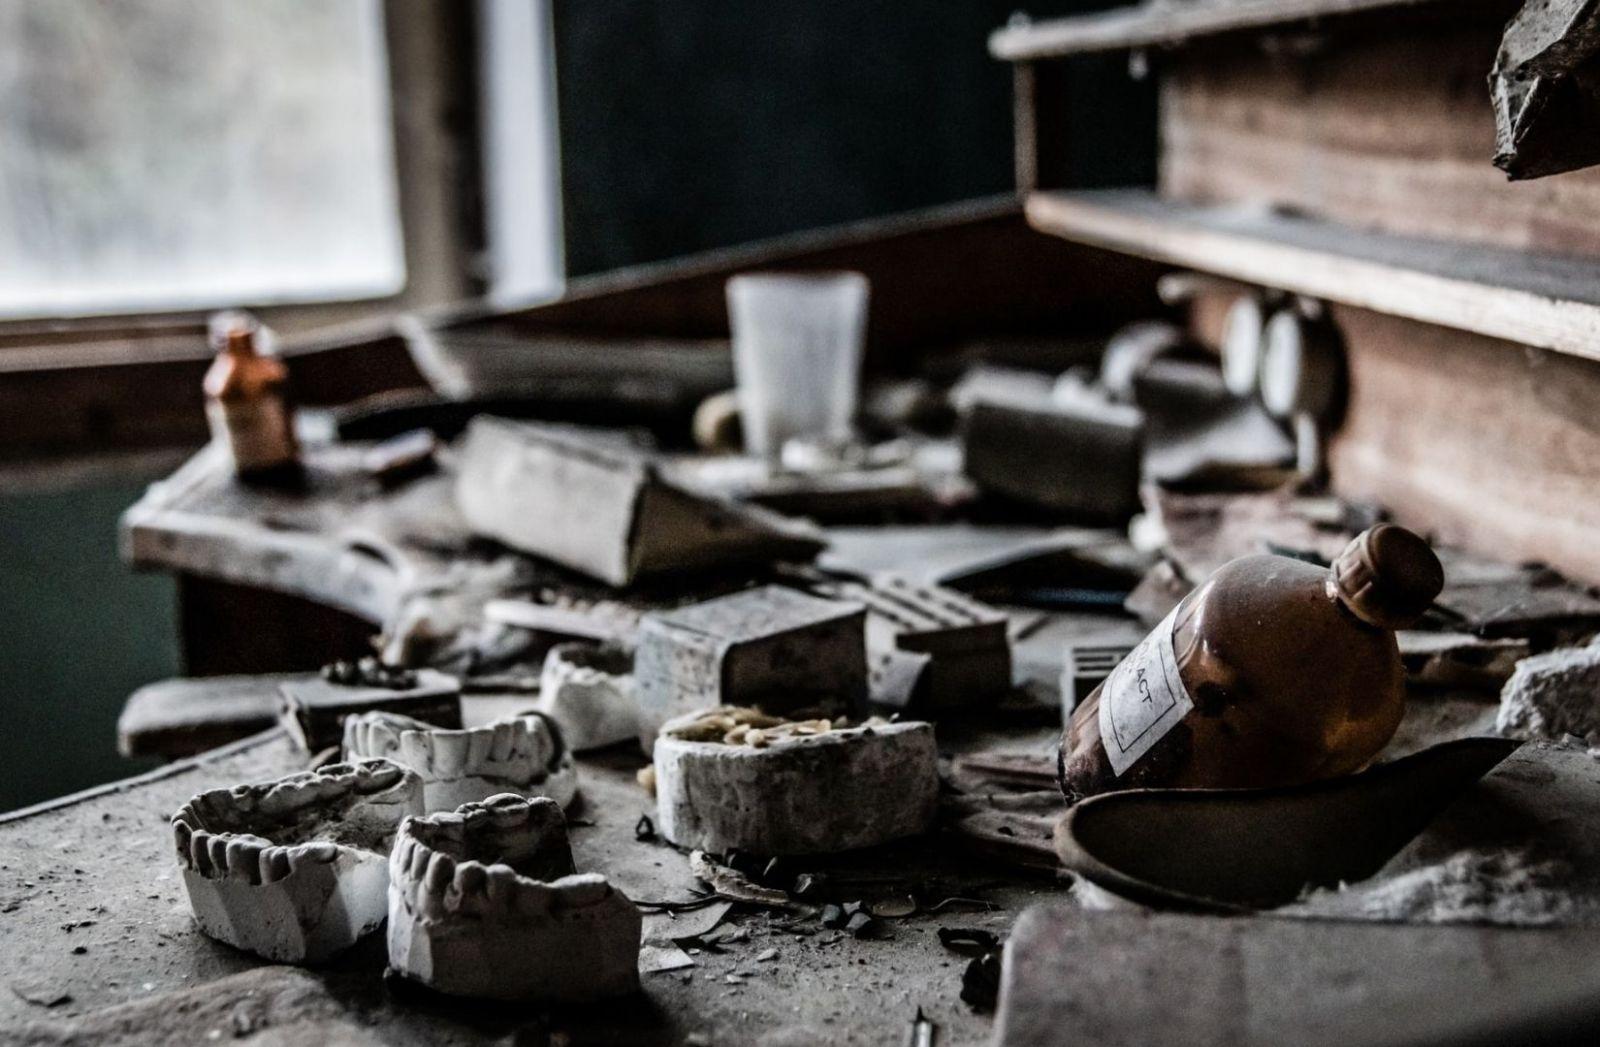 Keine Fiktion ist dieses Dentallabor in Pripyat bei Tschernobyl. (Foto: Massimo Adami, Unsplash.com)